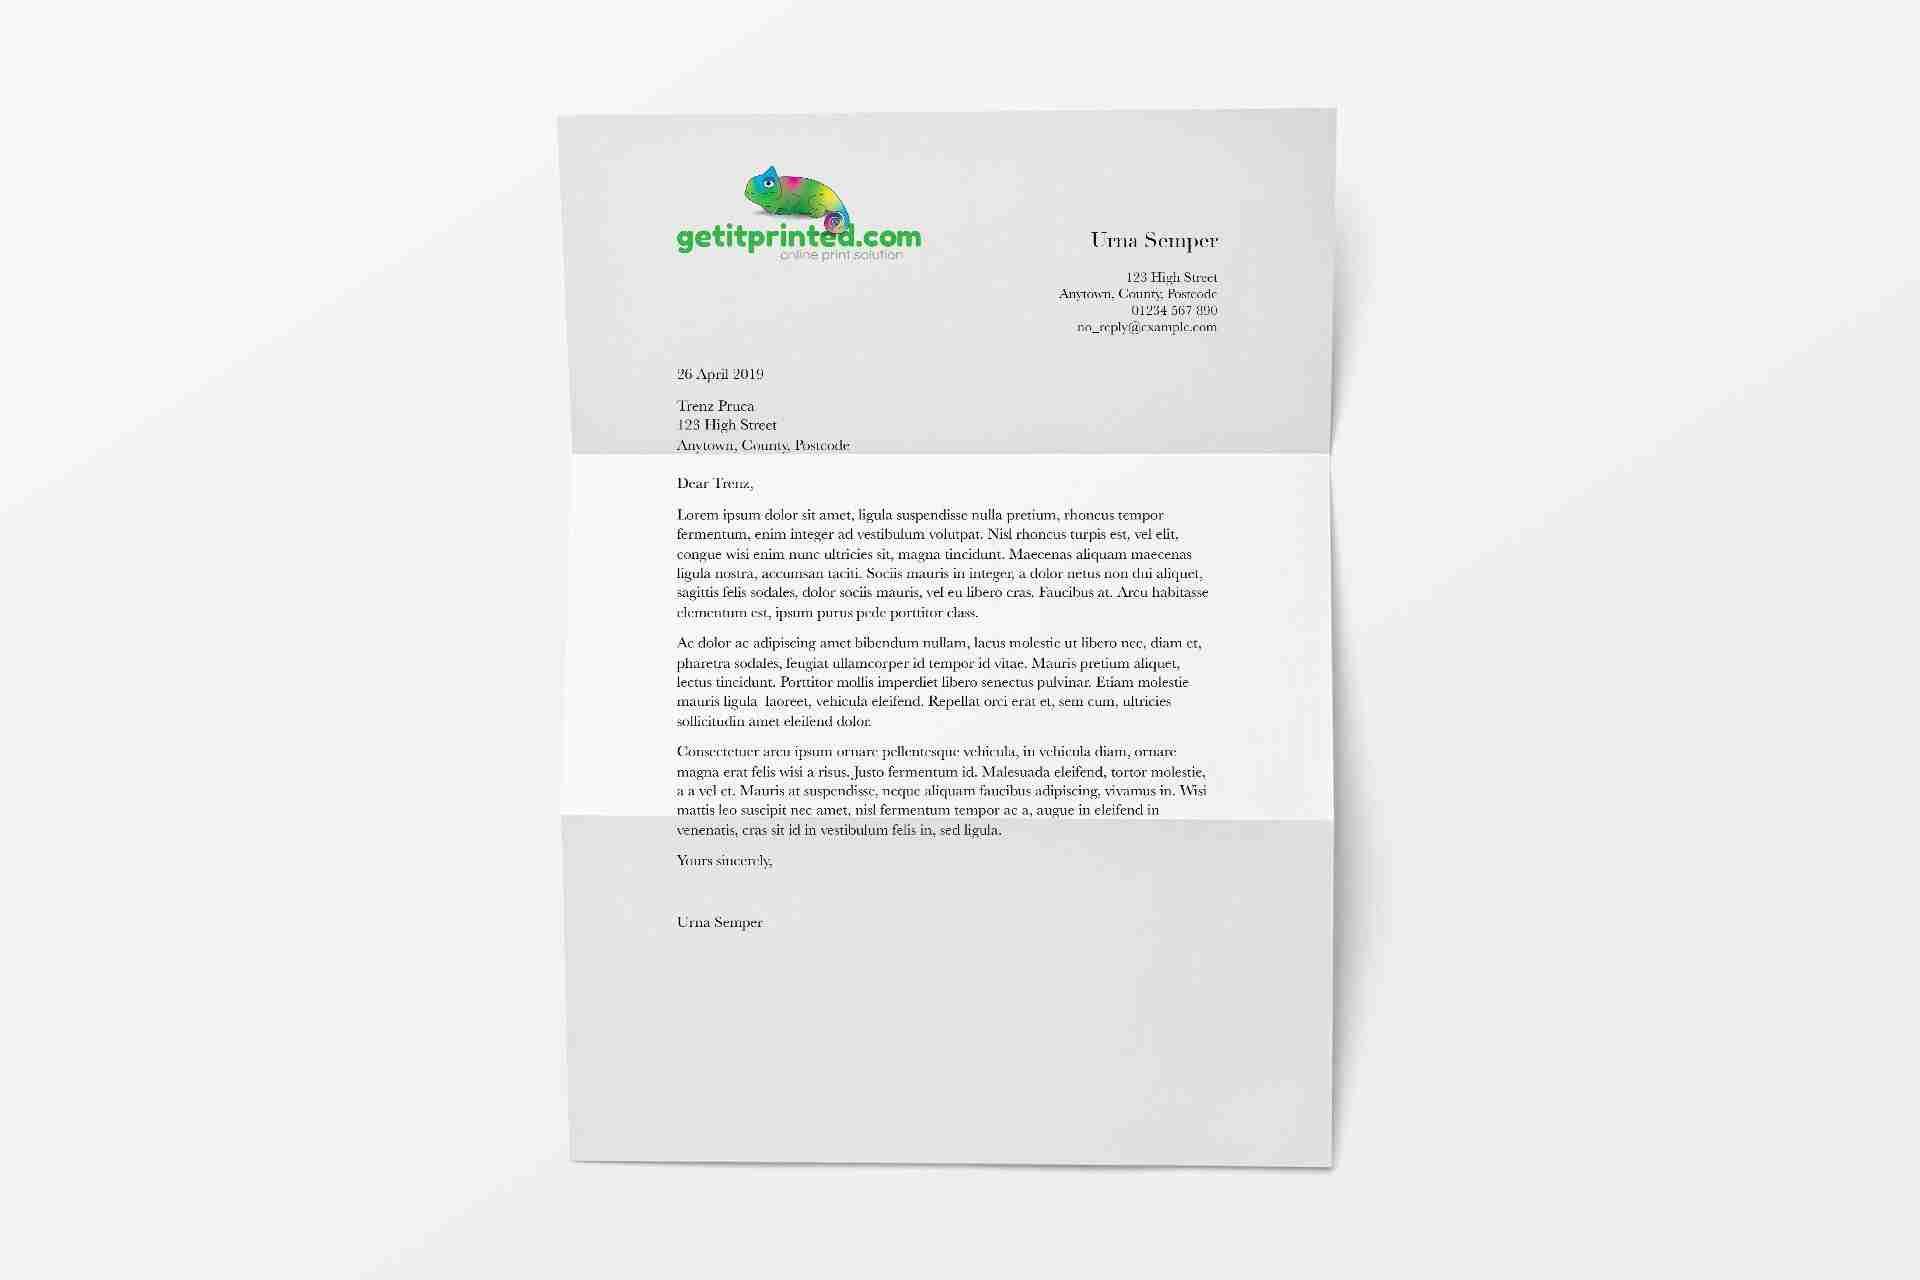 letterhead-A4-Printed